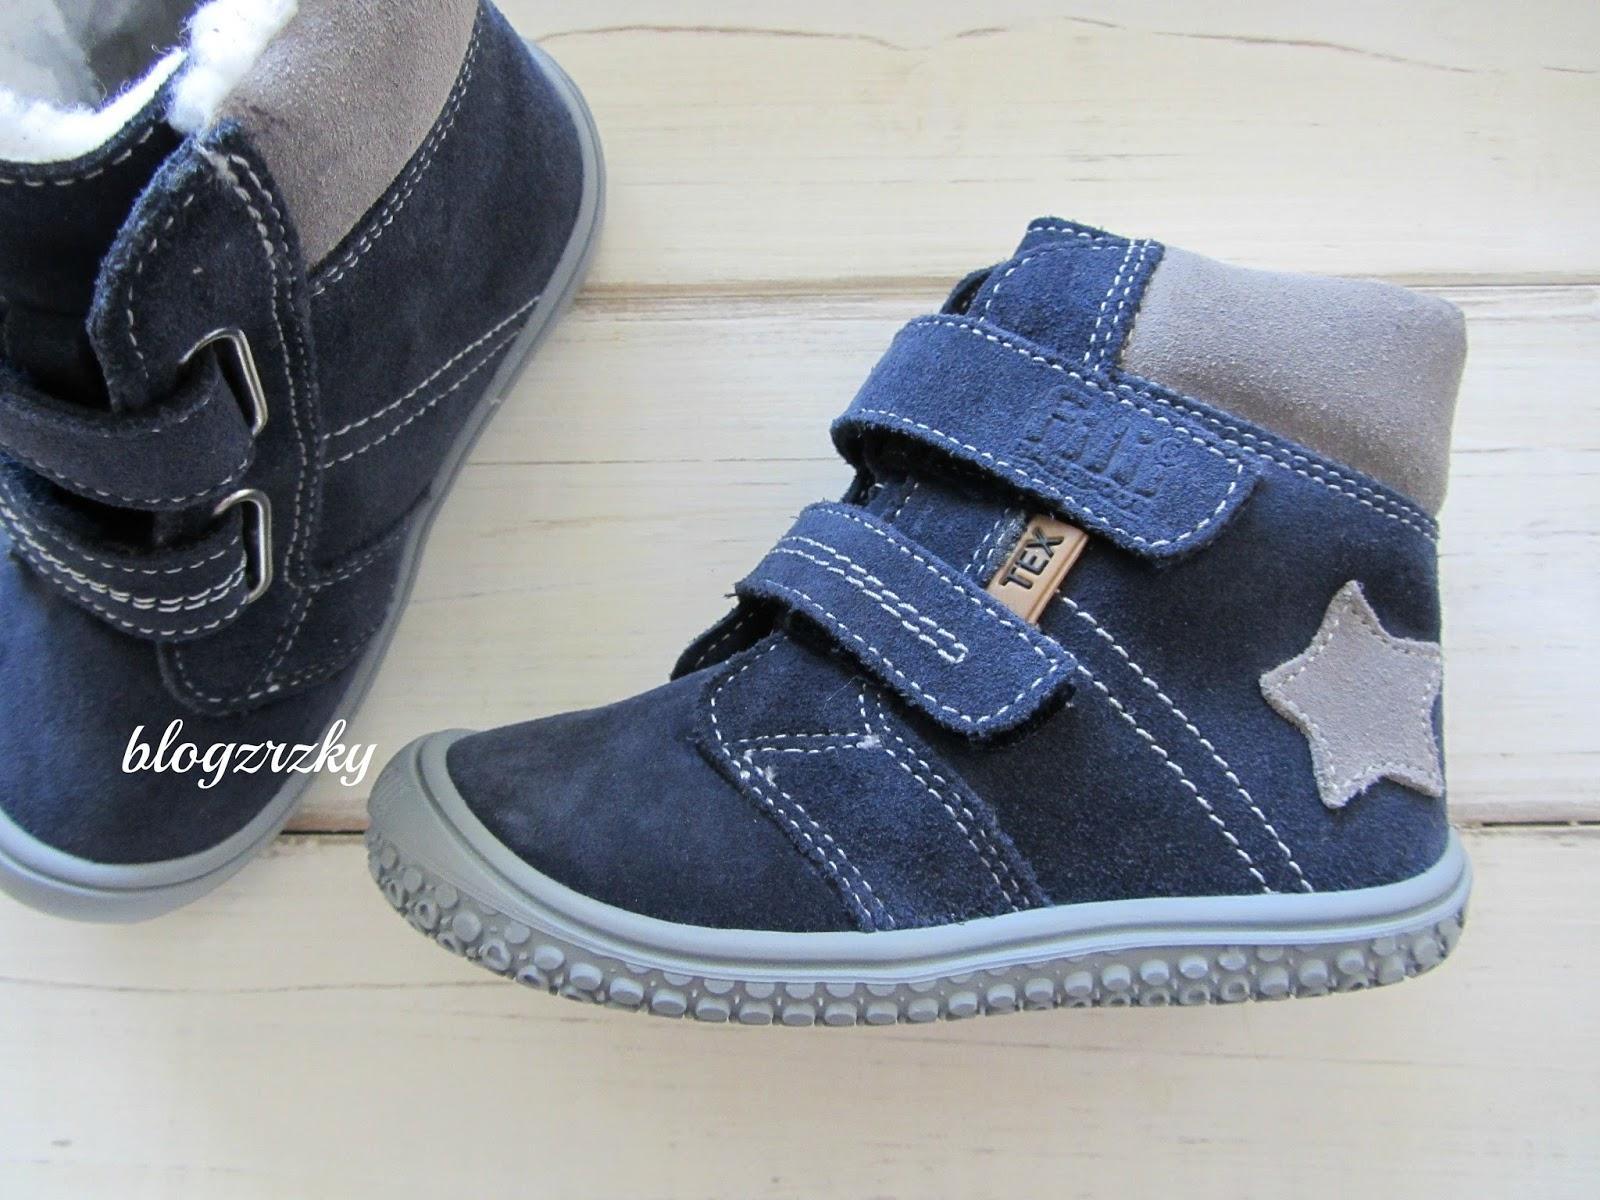 Blog Zrzky  Dokonalé zimní barefoot boty pro normální nohu Filii d922915edb